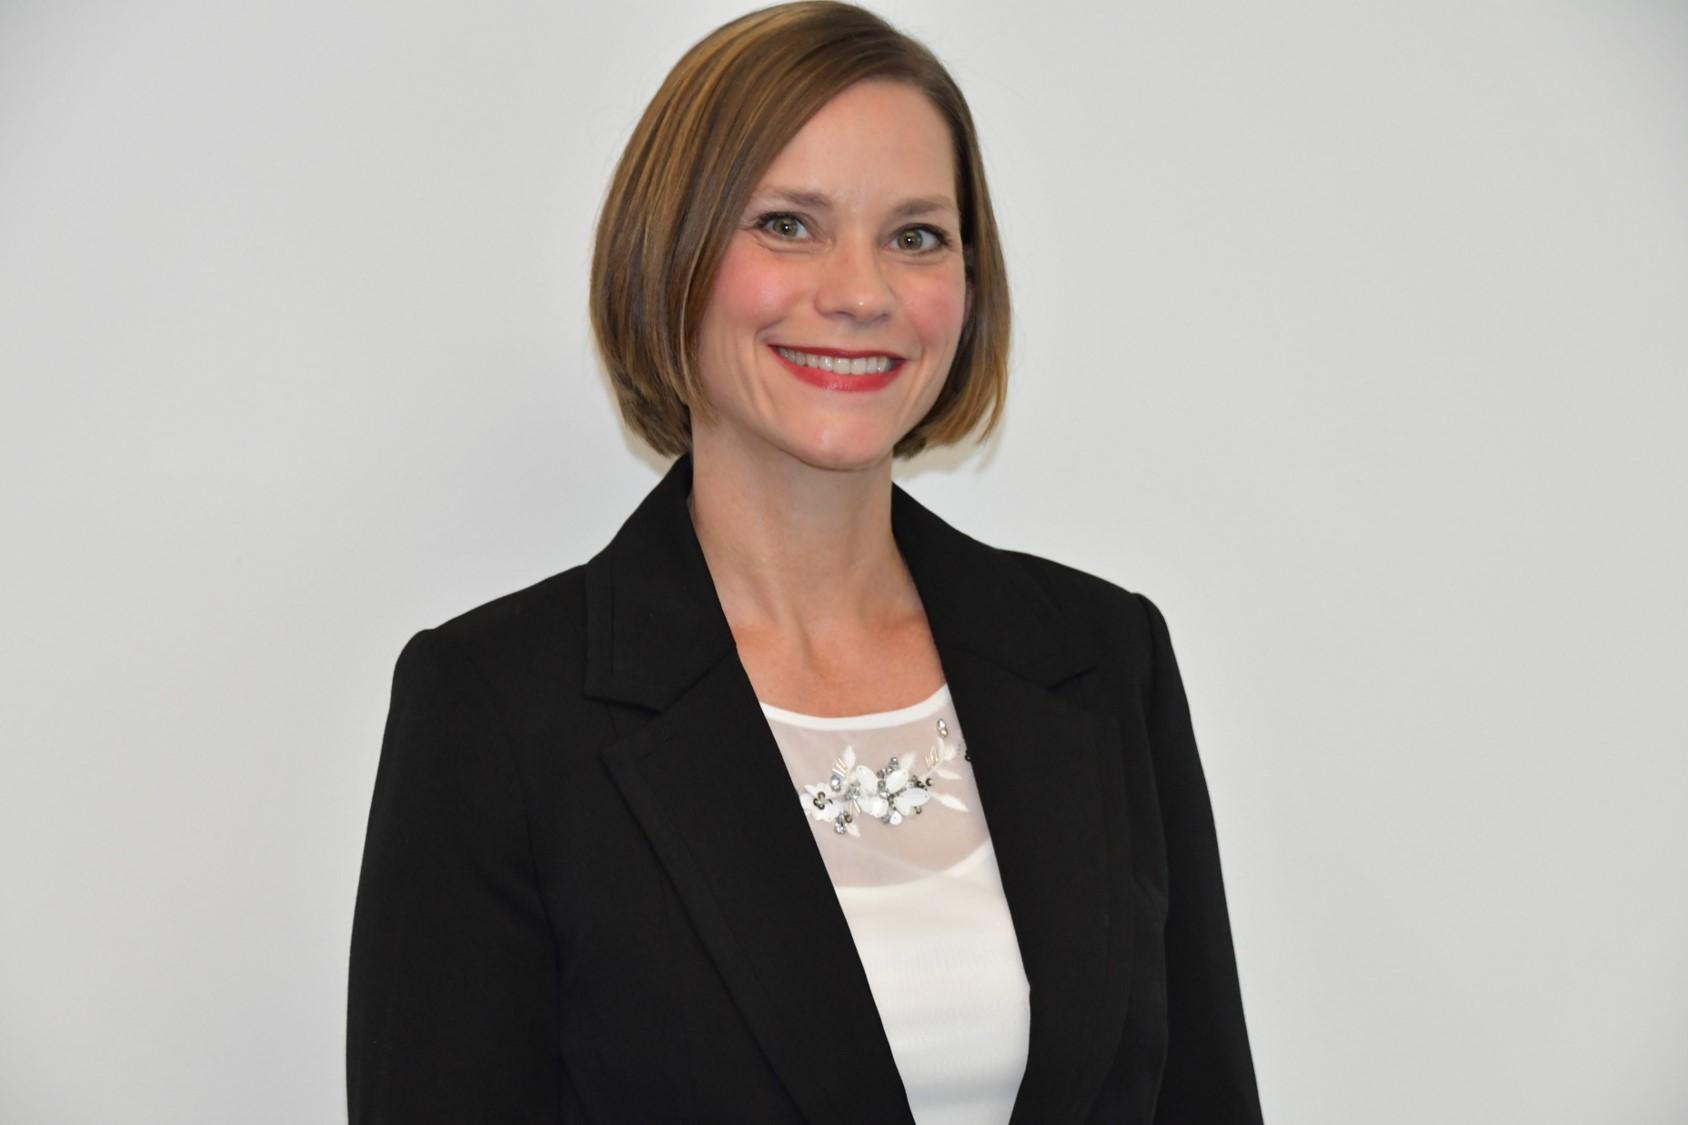 Ms. Emily Kimmett